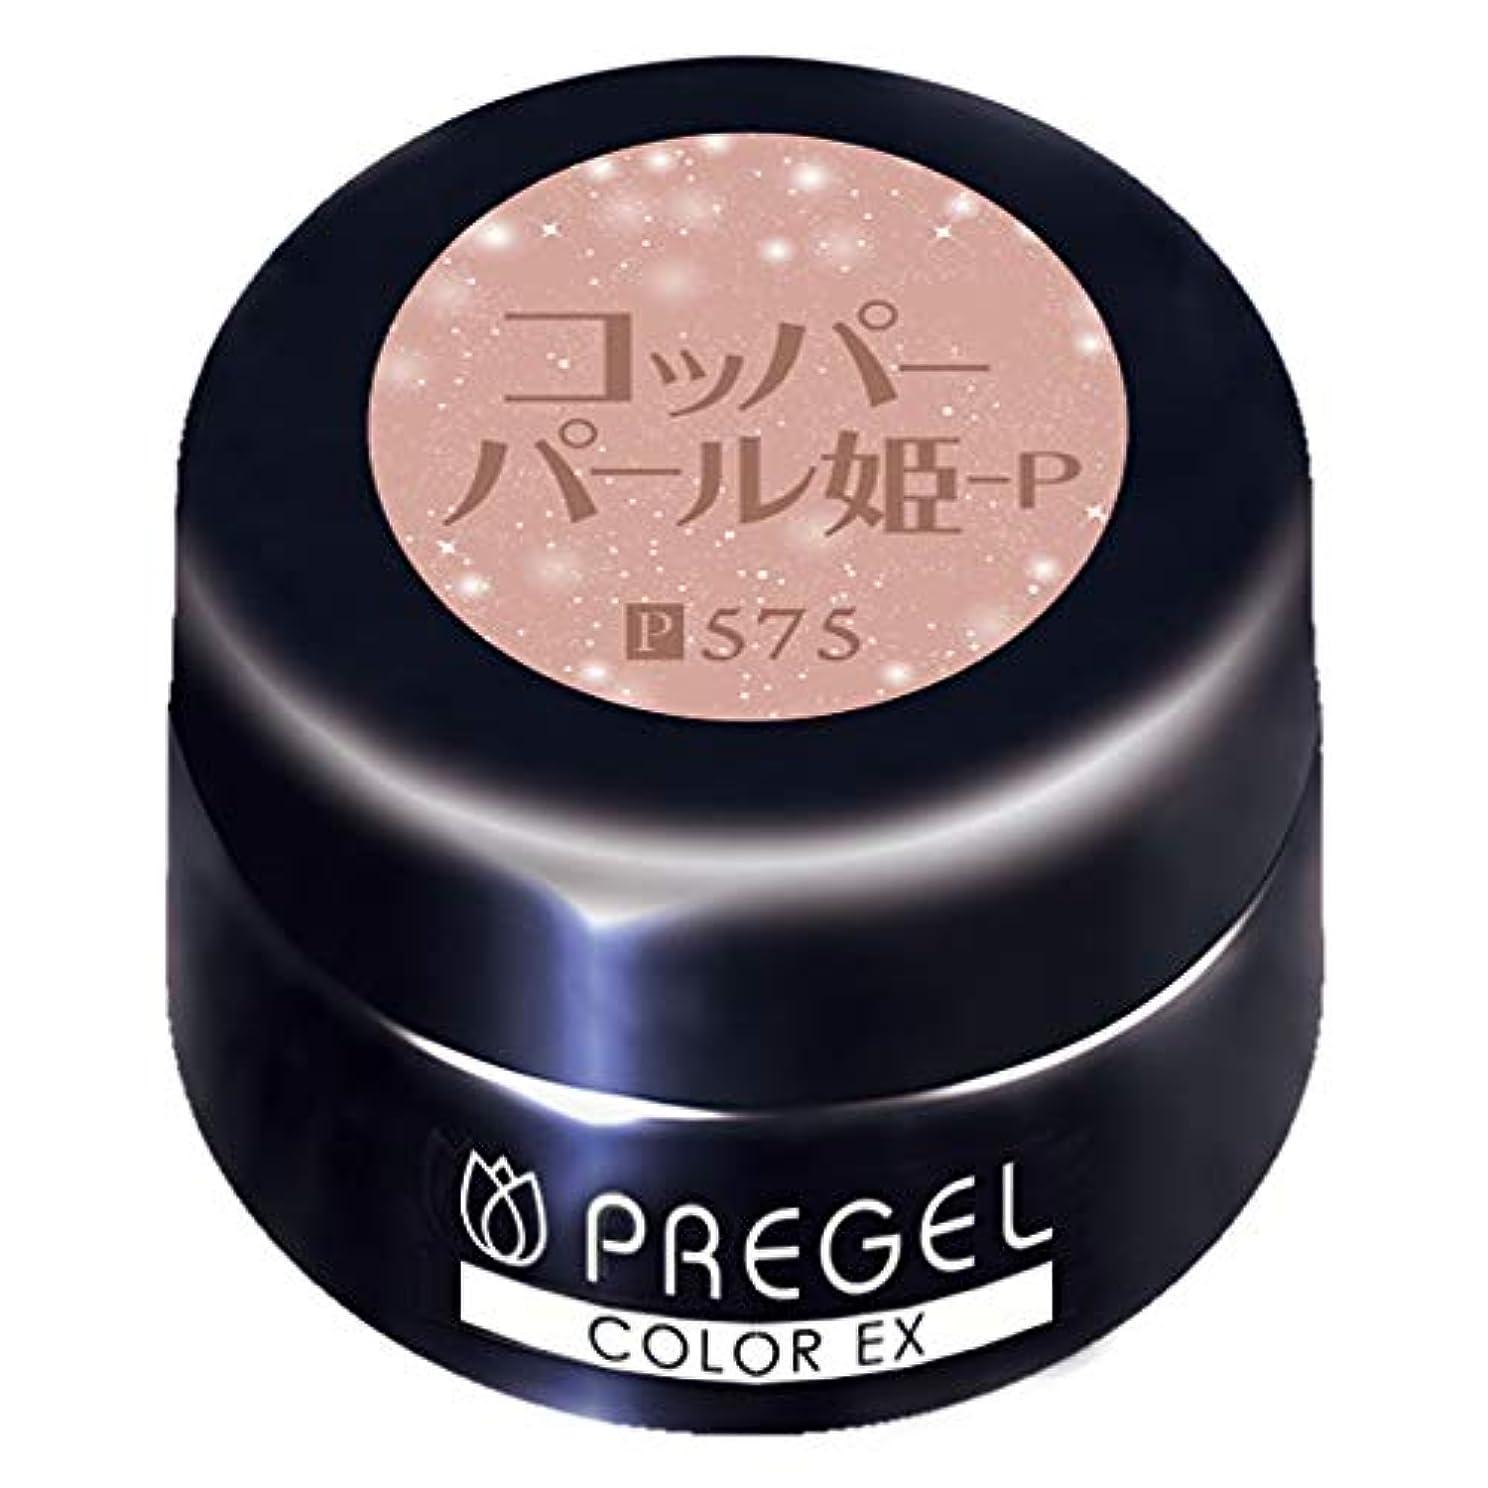 ゼロ症状純粋なPRE GEL(プリジェル) PRE GEL カラージェル カラーEX コッパーパール姫-P 3g PG-CE575 UV/LED対応 ジェルネイル